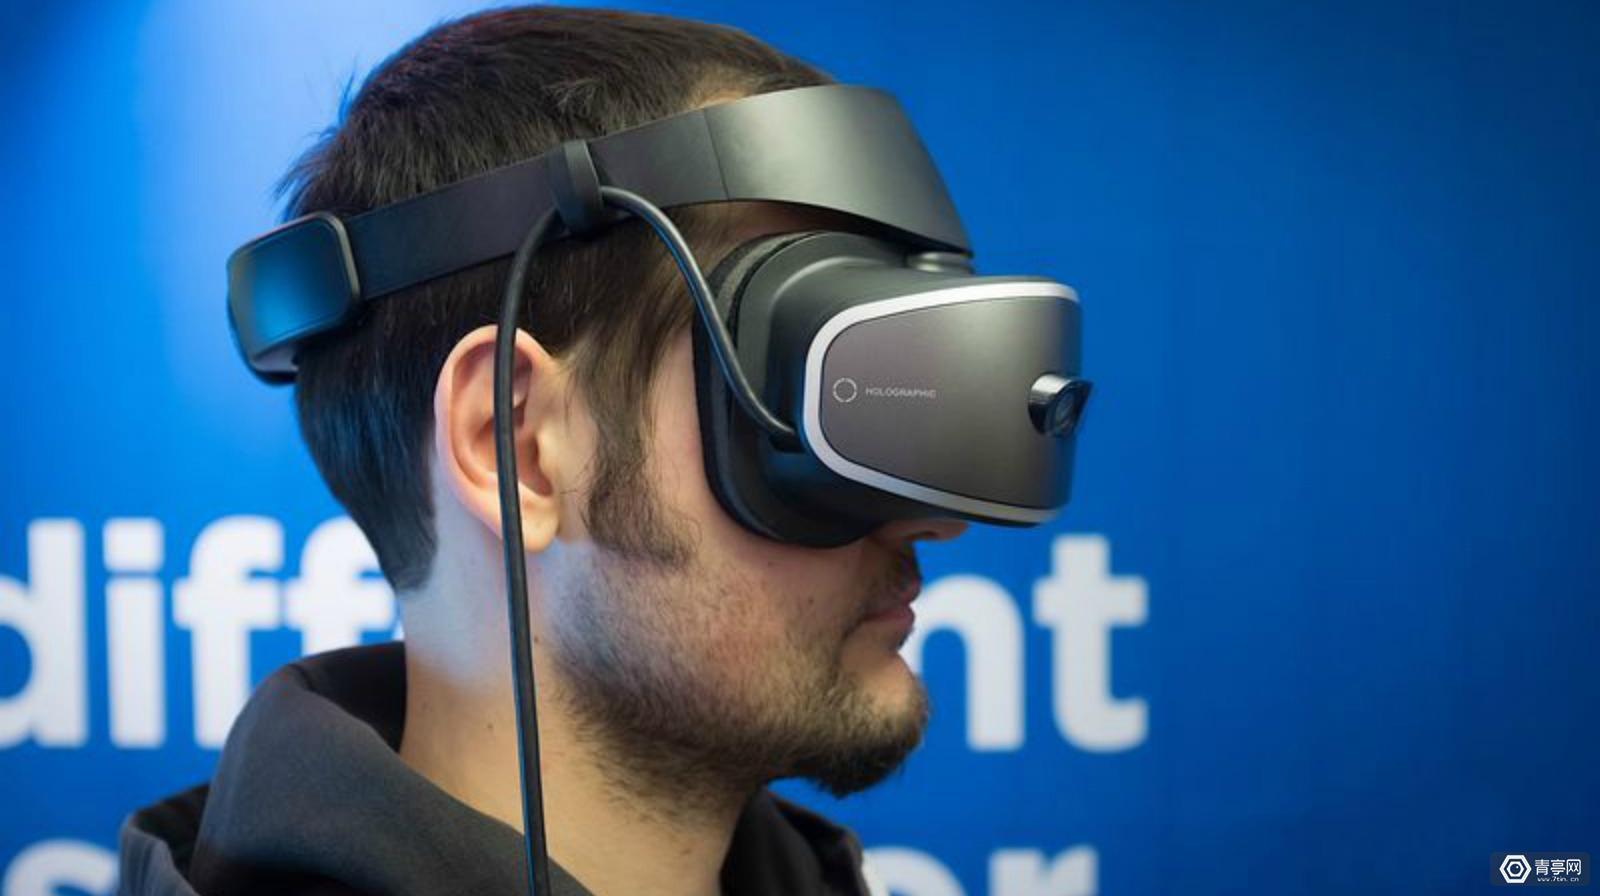 带inside-out定位系统,联想MR/VR头显设备或于8月前上市